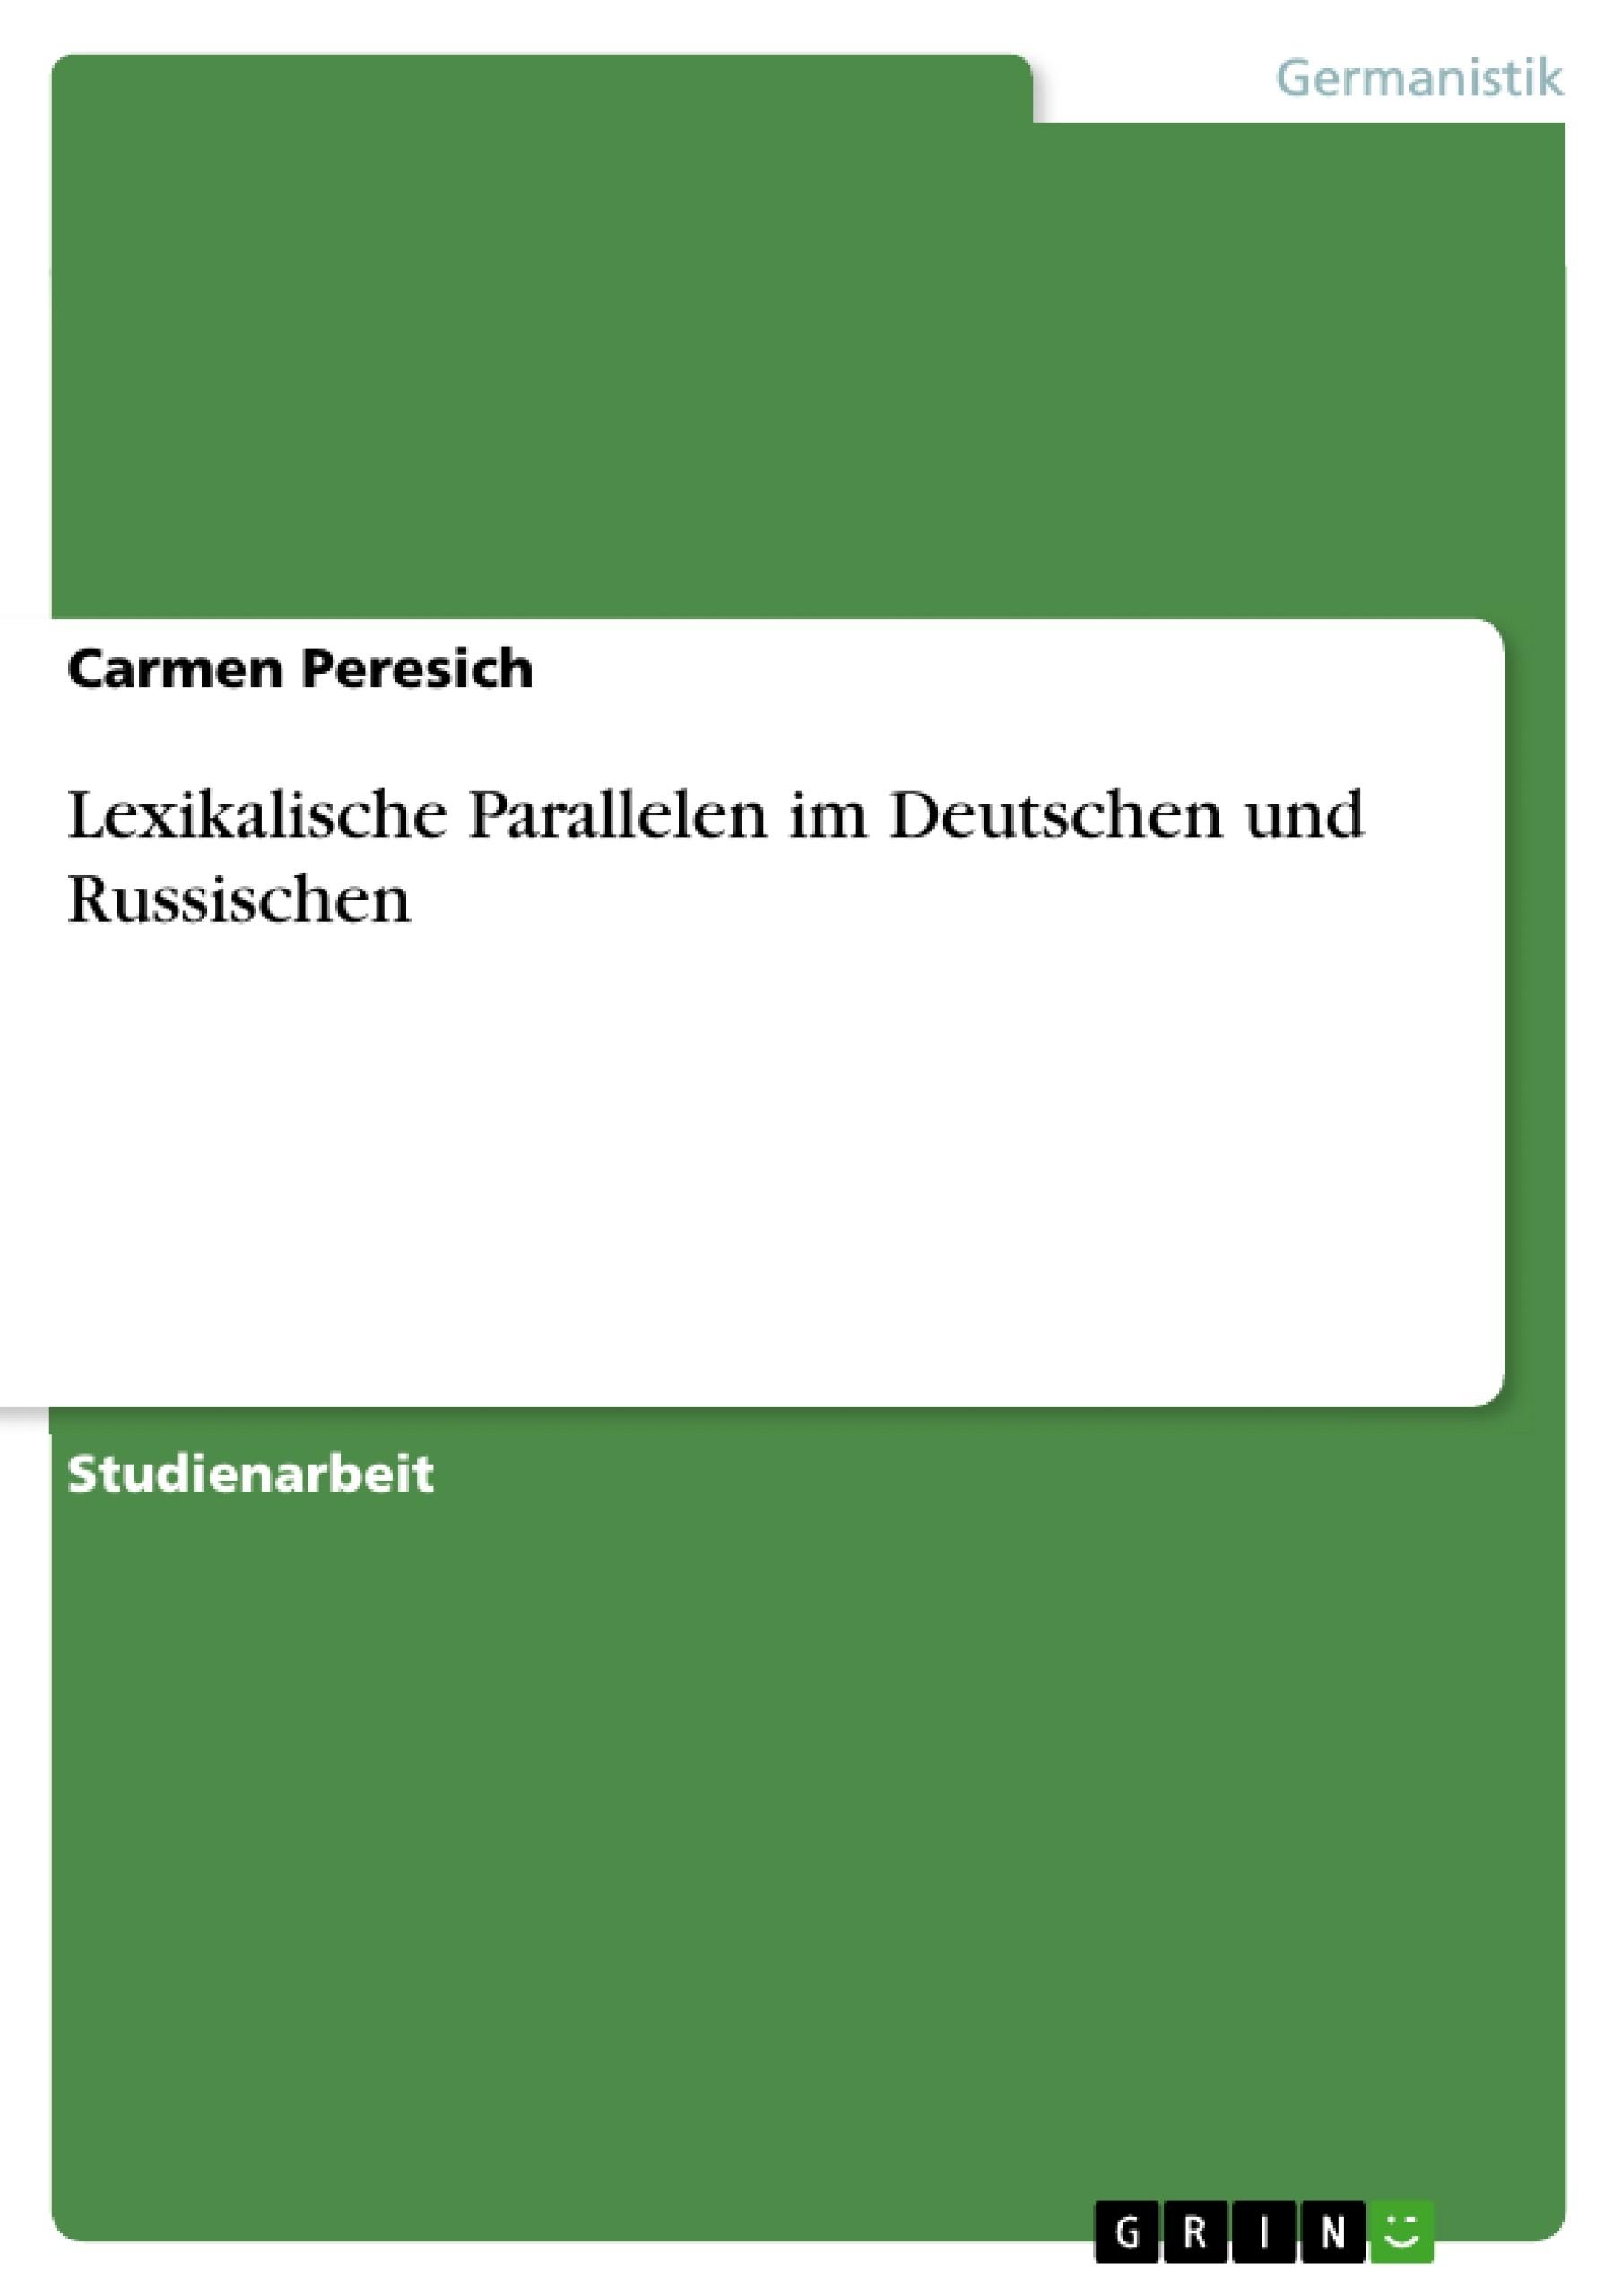 Titel: Lexikalische Parallelen im Deutschen und Russischen